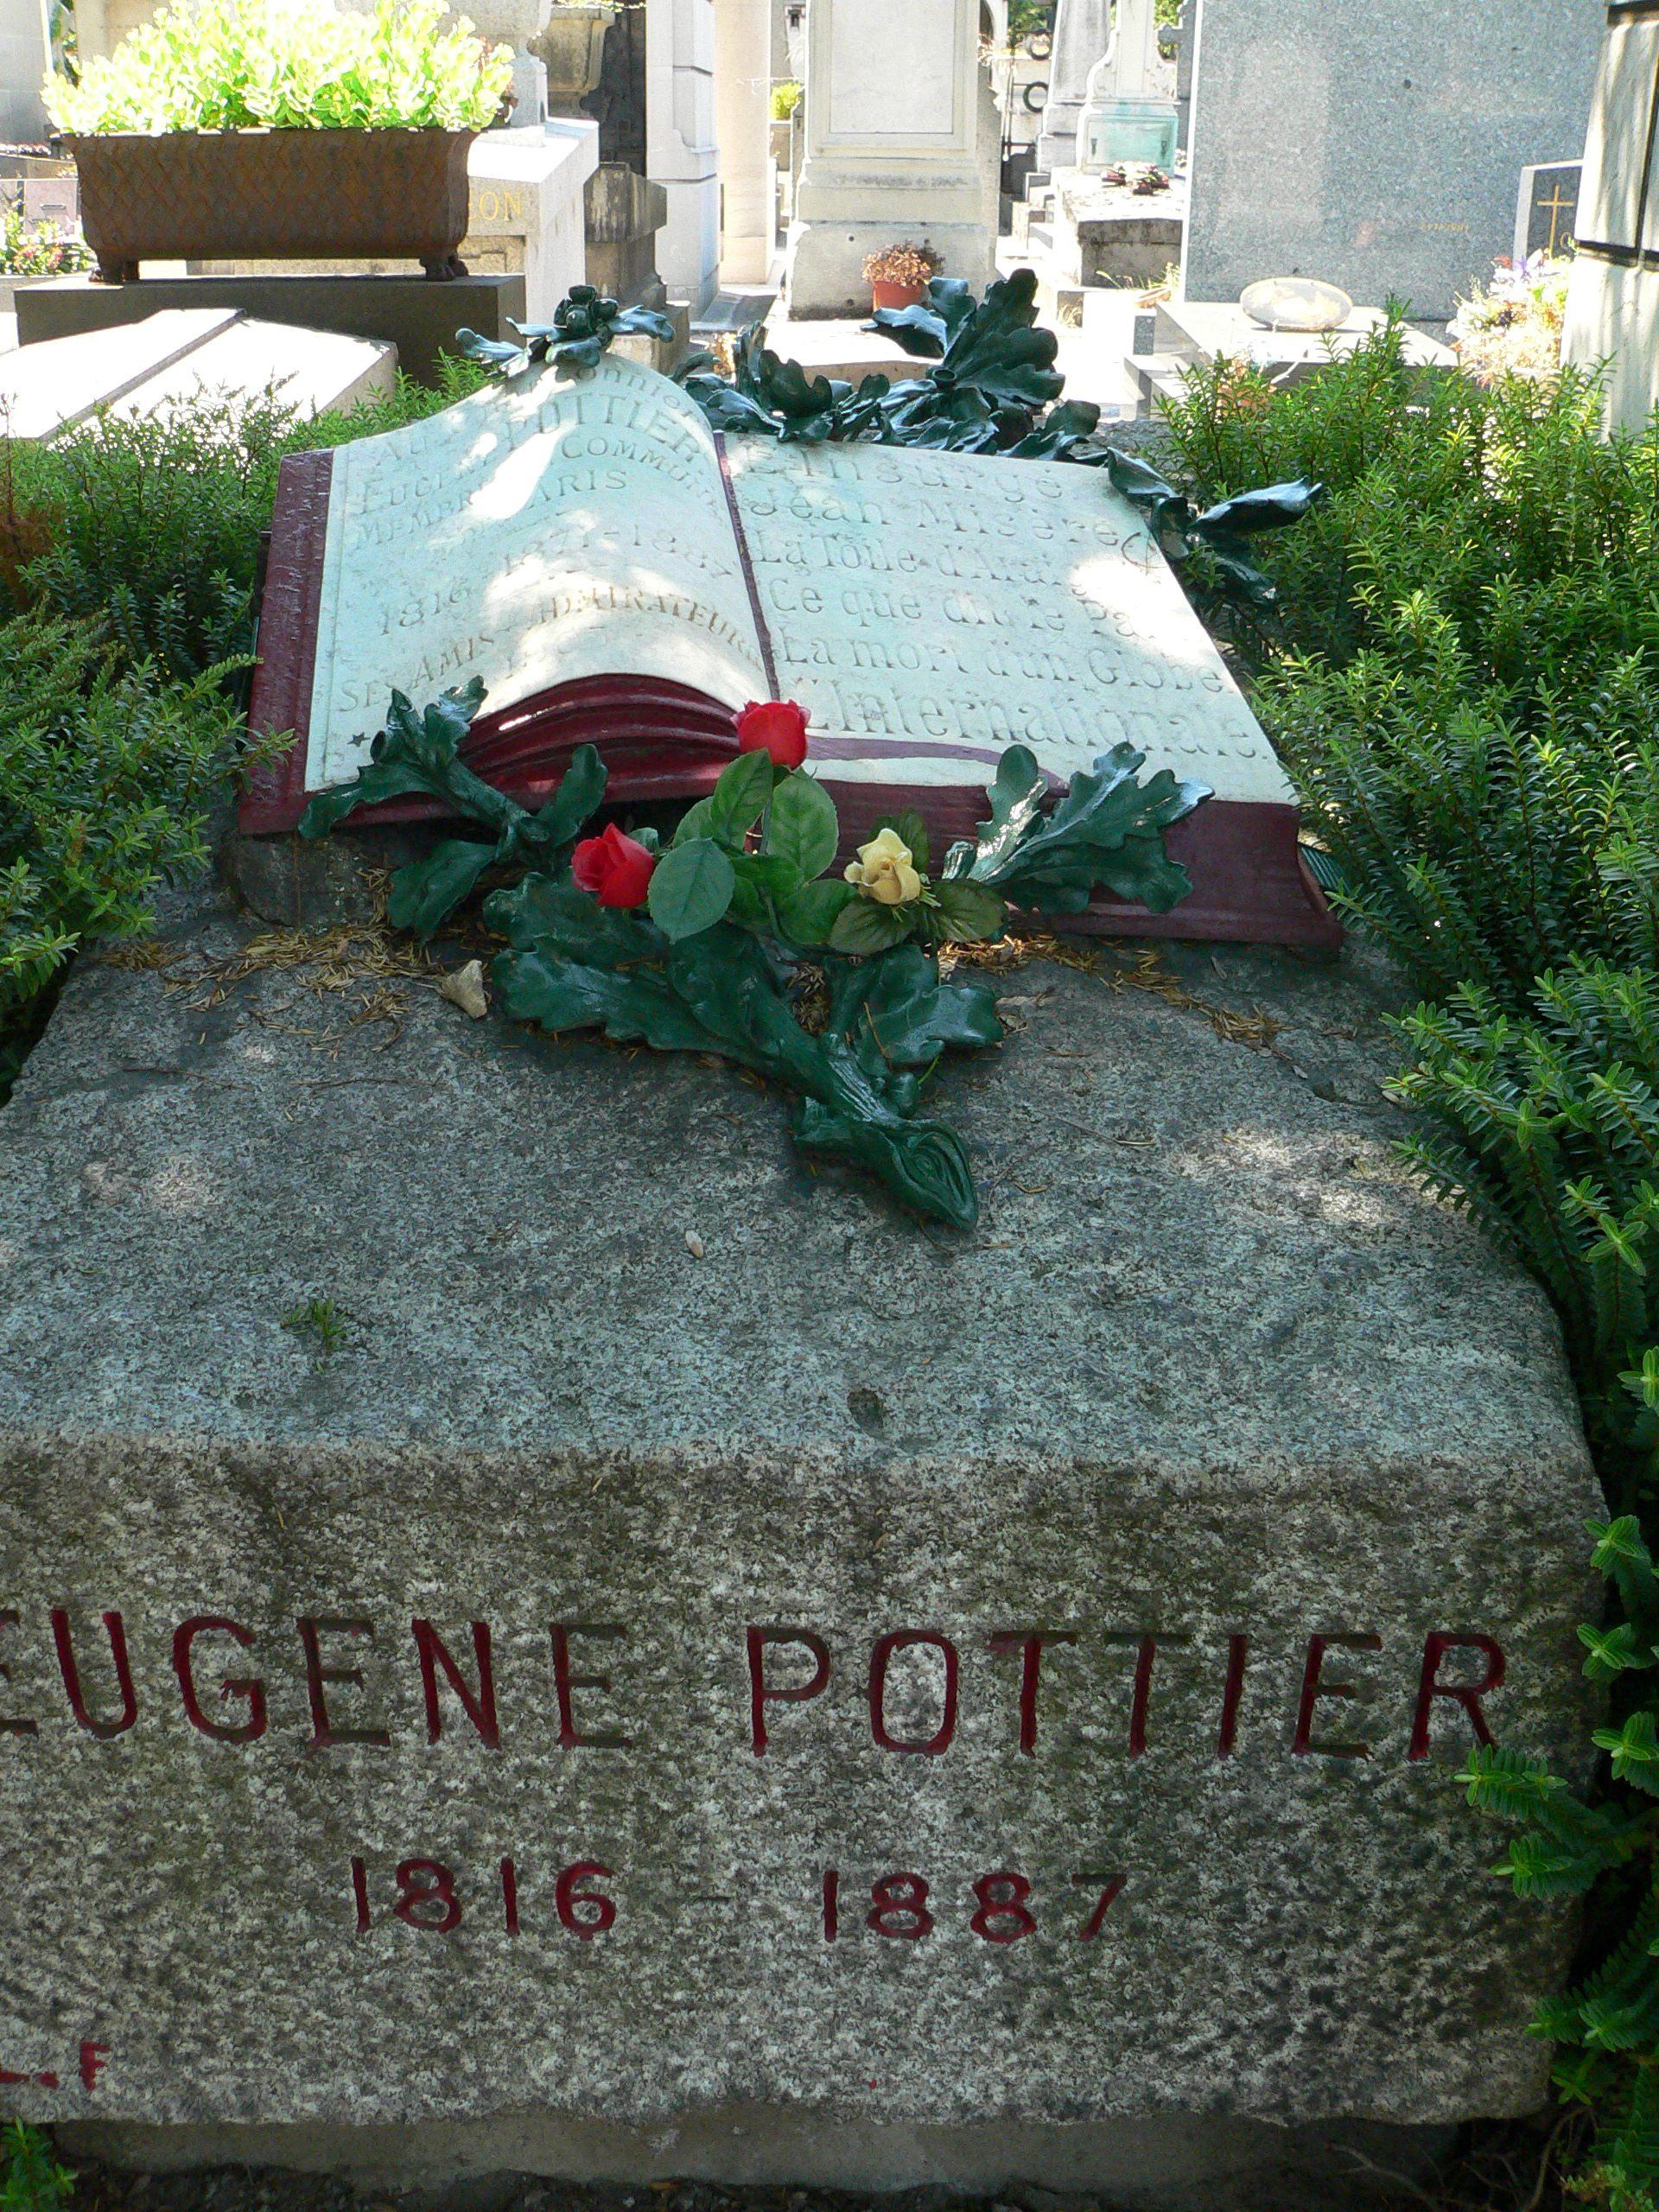 Tumba de Eugène Pottier.